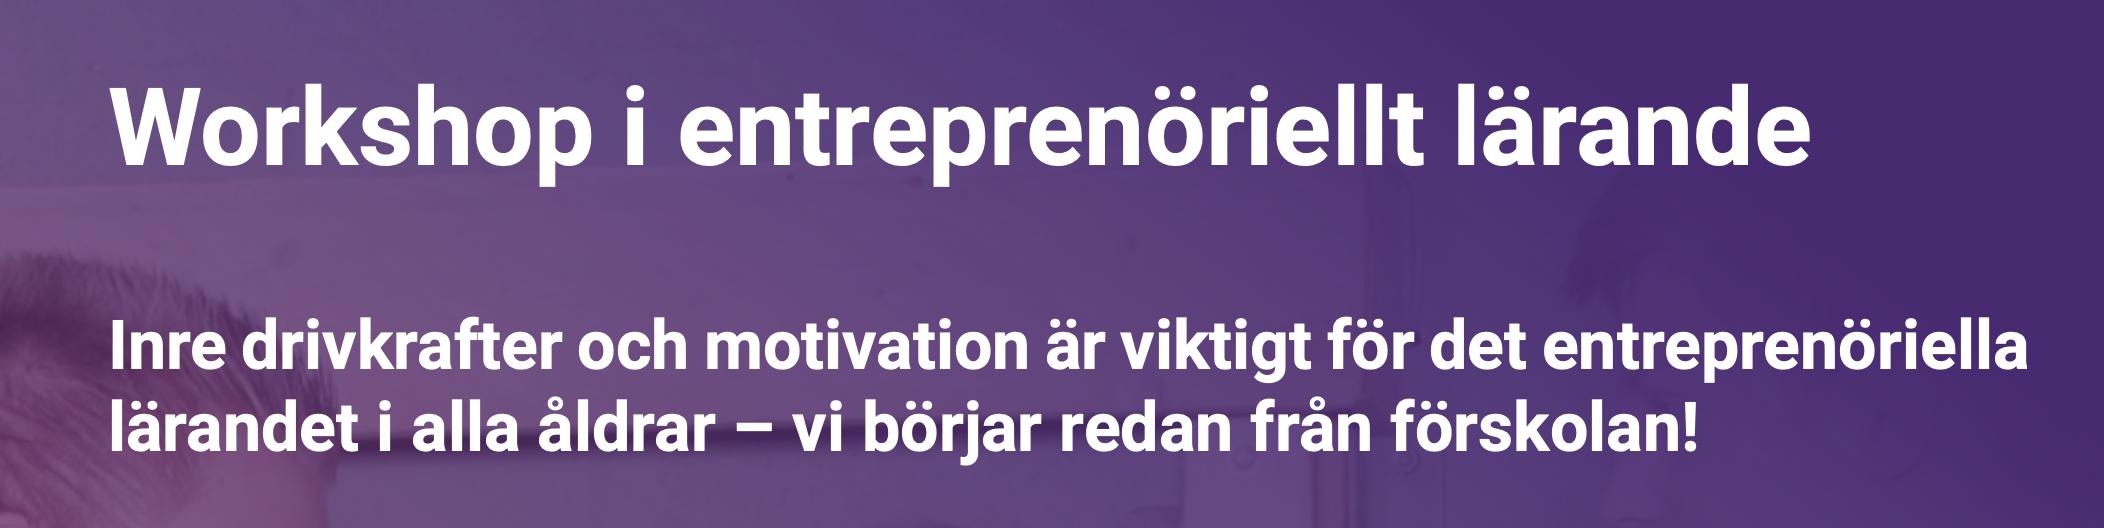 Inbjudan till workshop i entreprenöriellt lärande.